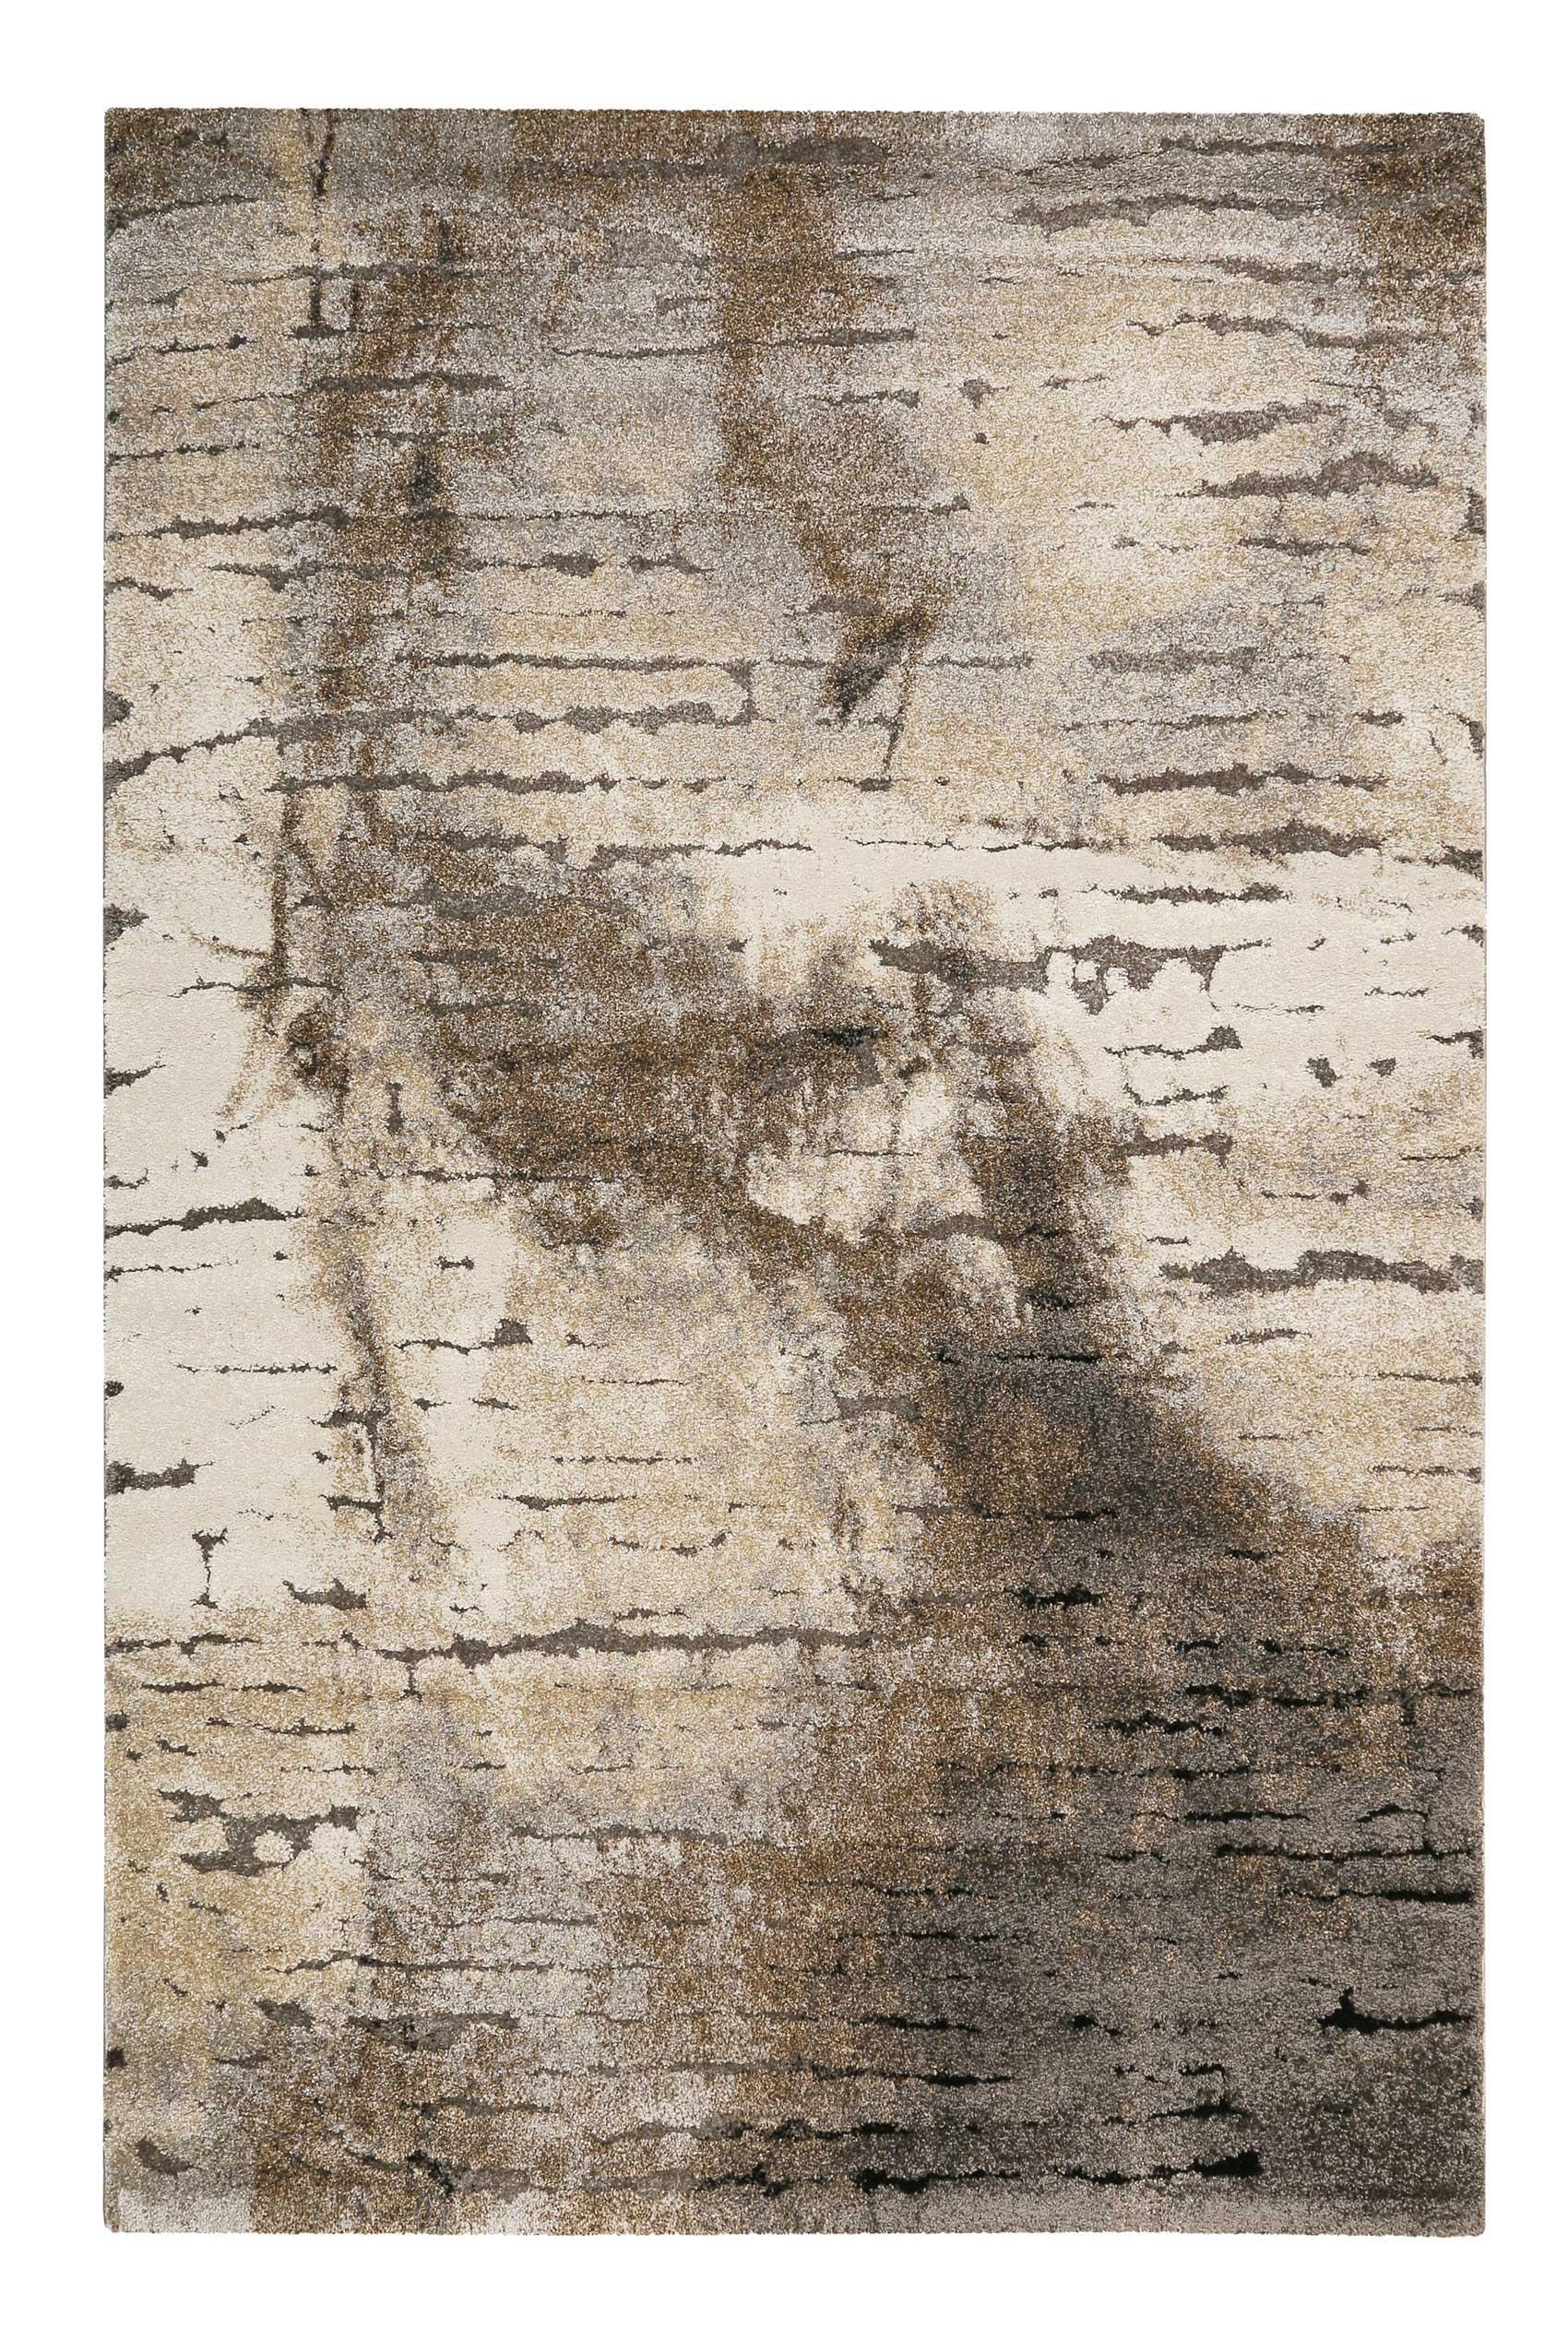 Tapis motif effet mur béton pour salon, chambre gris/brun 290x200